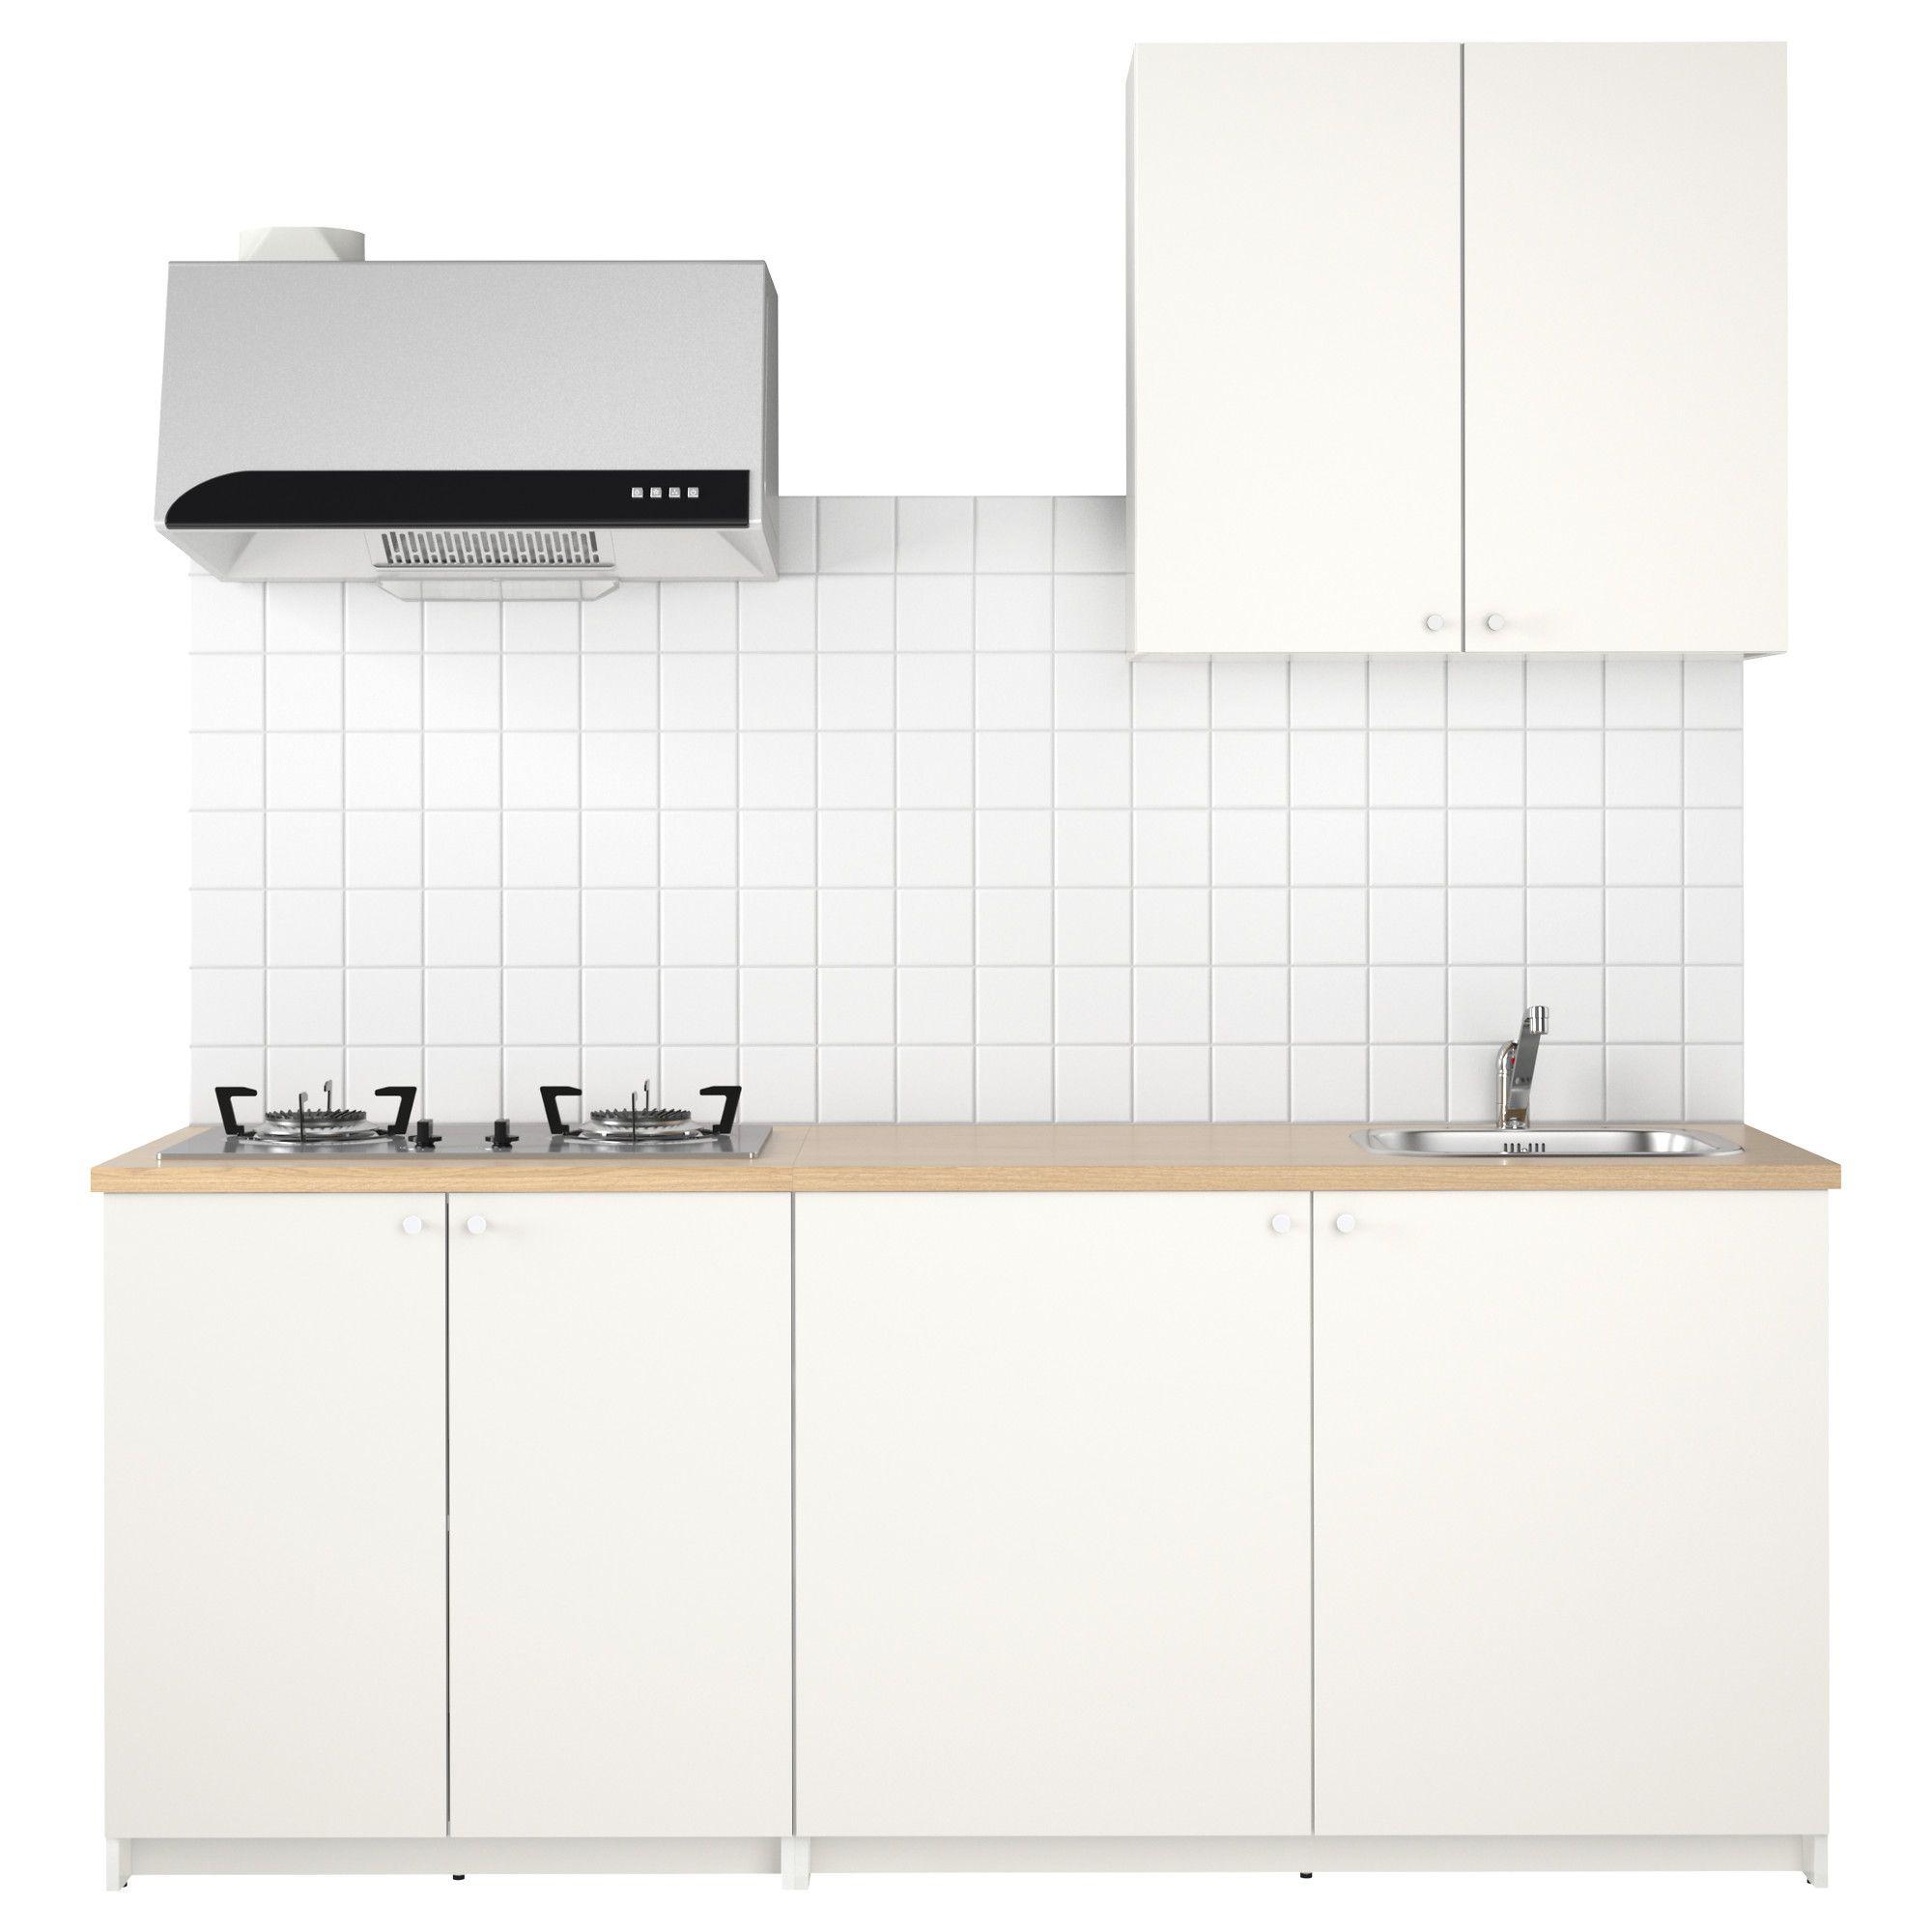 Knoxhult Ikea Kitchen Cabinets Kf Ikea Kitchen Cabinets Ikea Kitchen Kitchen Cabinets